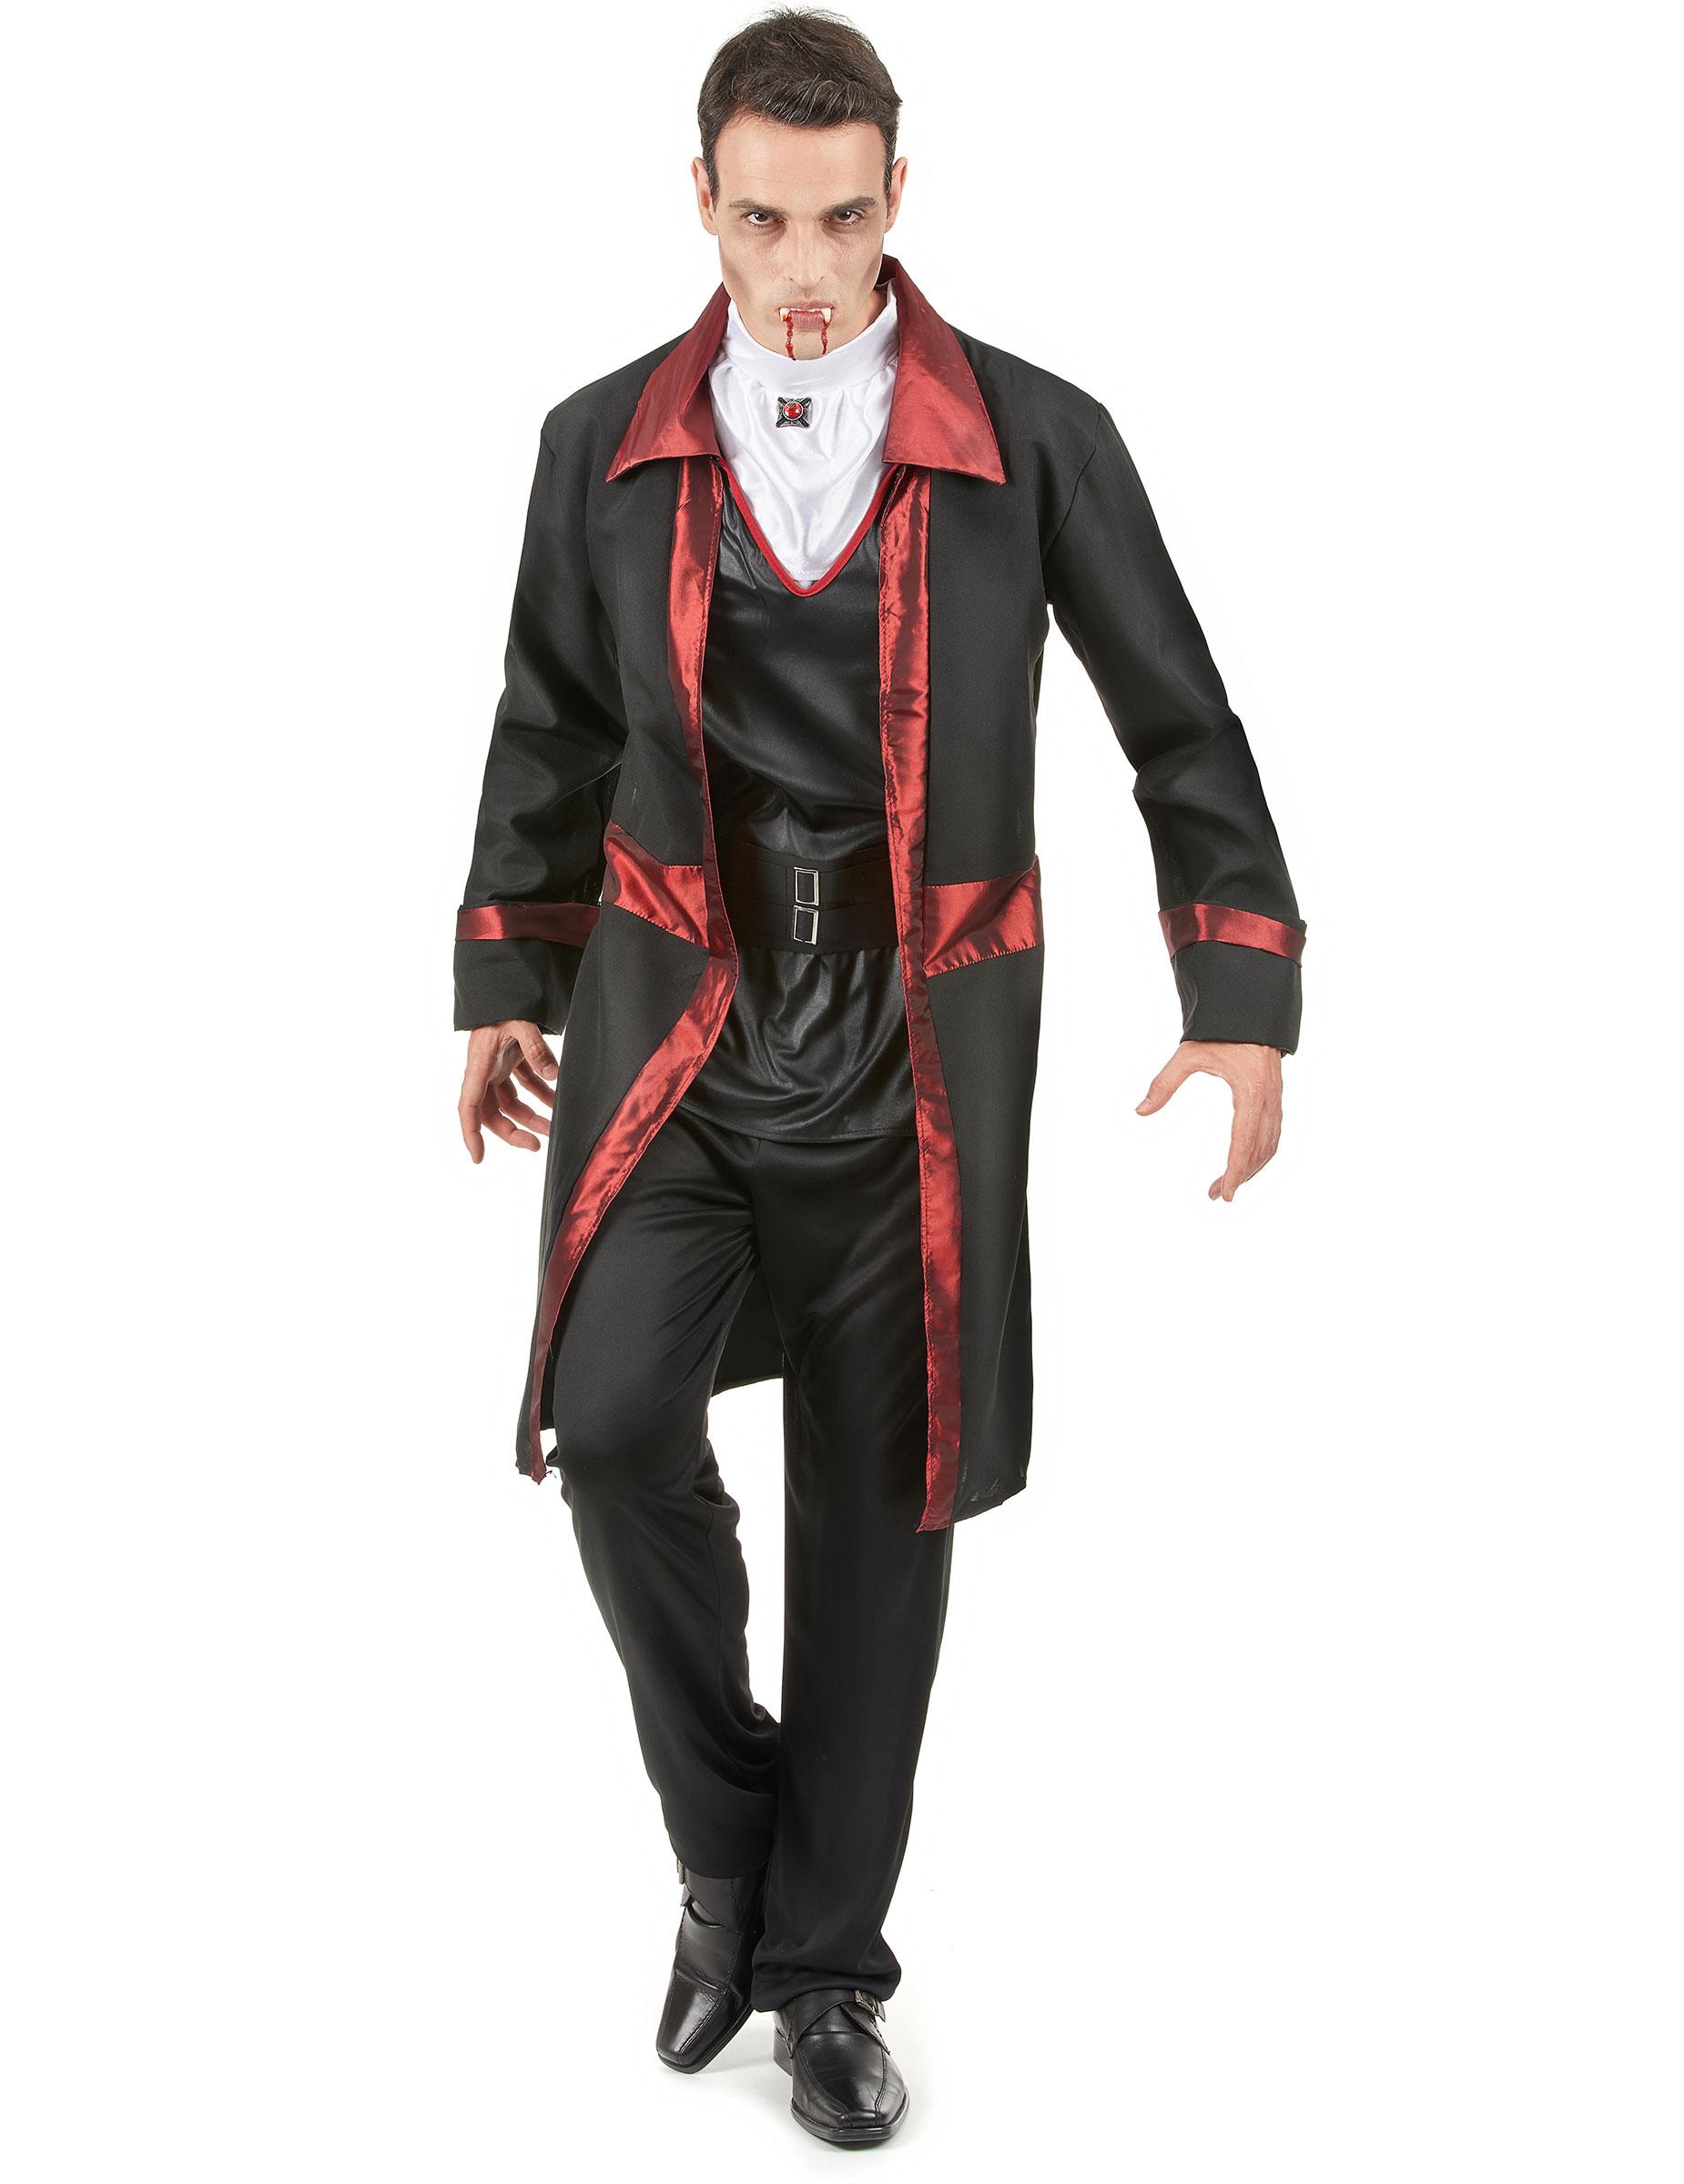 Costume da vampiro da uomo per Halloween su VegaooParty b9fa1adb0d67